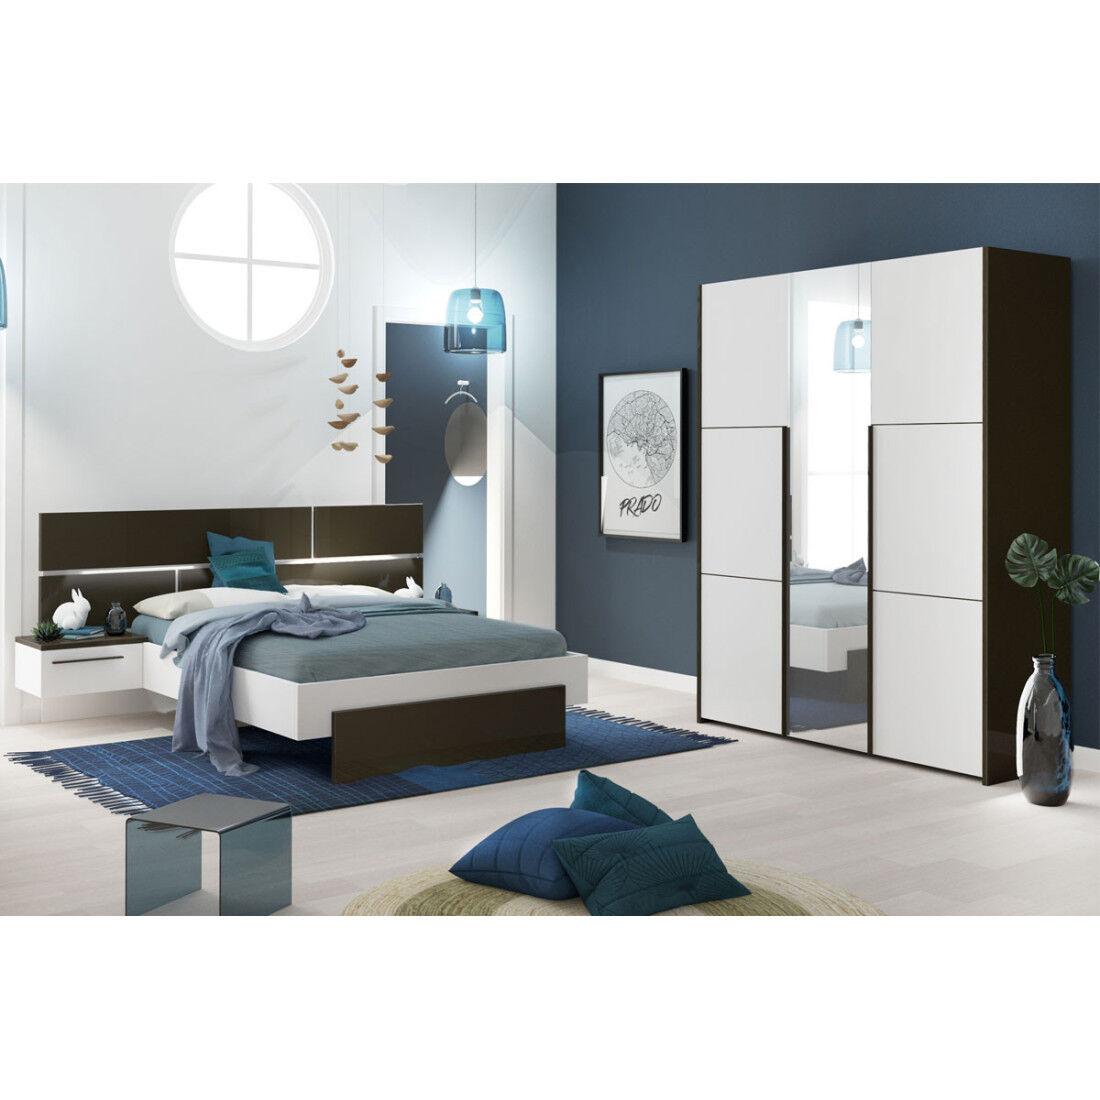 Tousmesmeubles Chambre Adulte Complète Gris/Blanc (160*200) - FLORINE n°2 - L 264 x l 208 x H 40/102